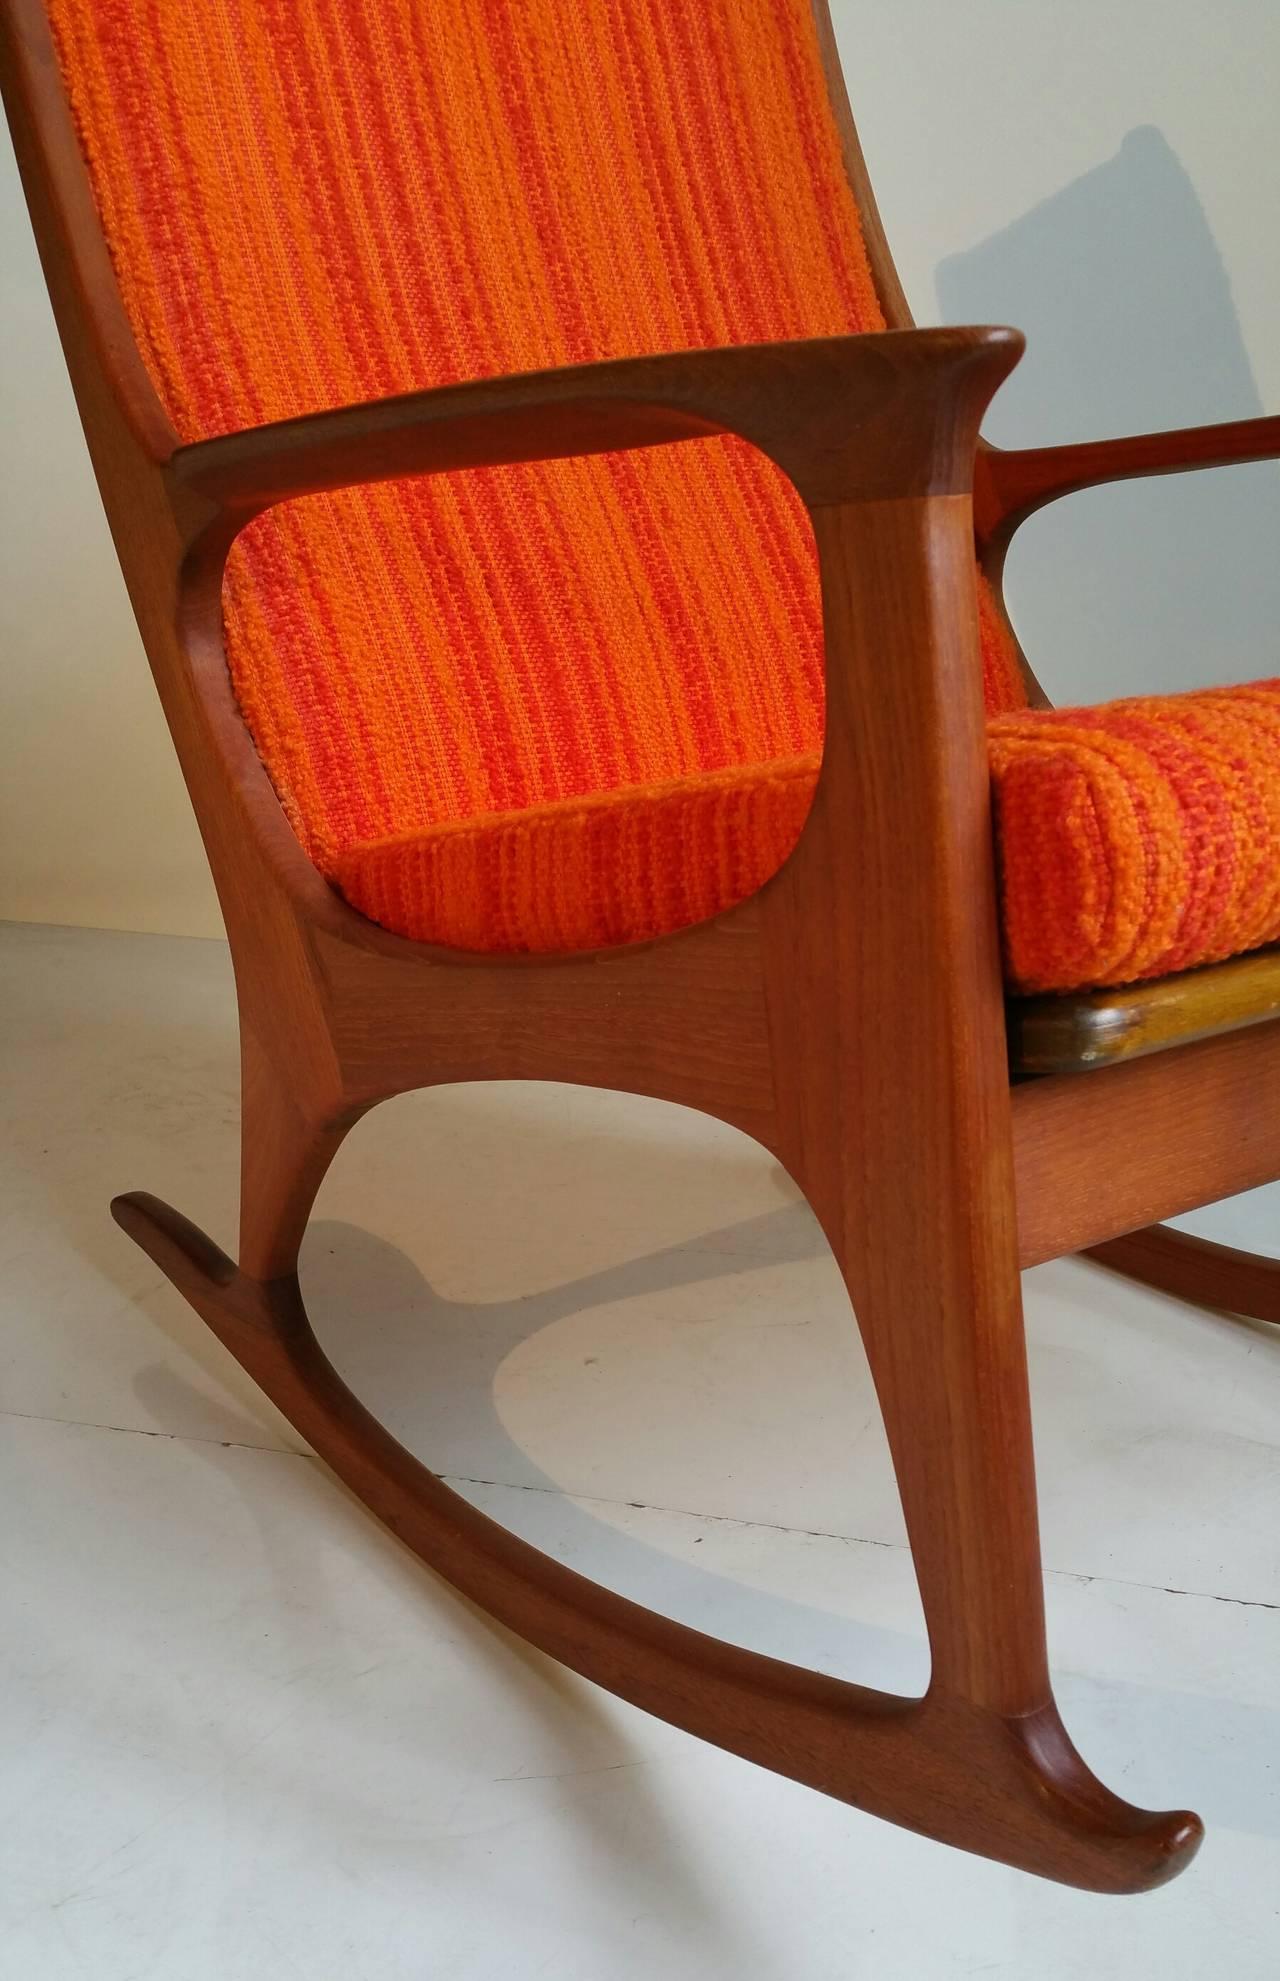 Midcentury Danish Modern Teak Rocking Chair At 1stdibs